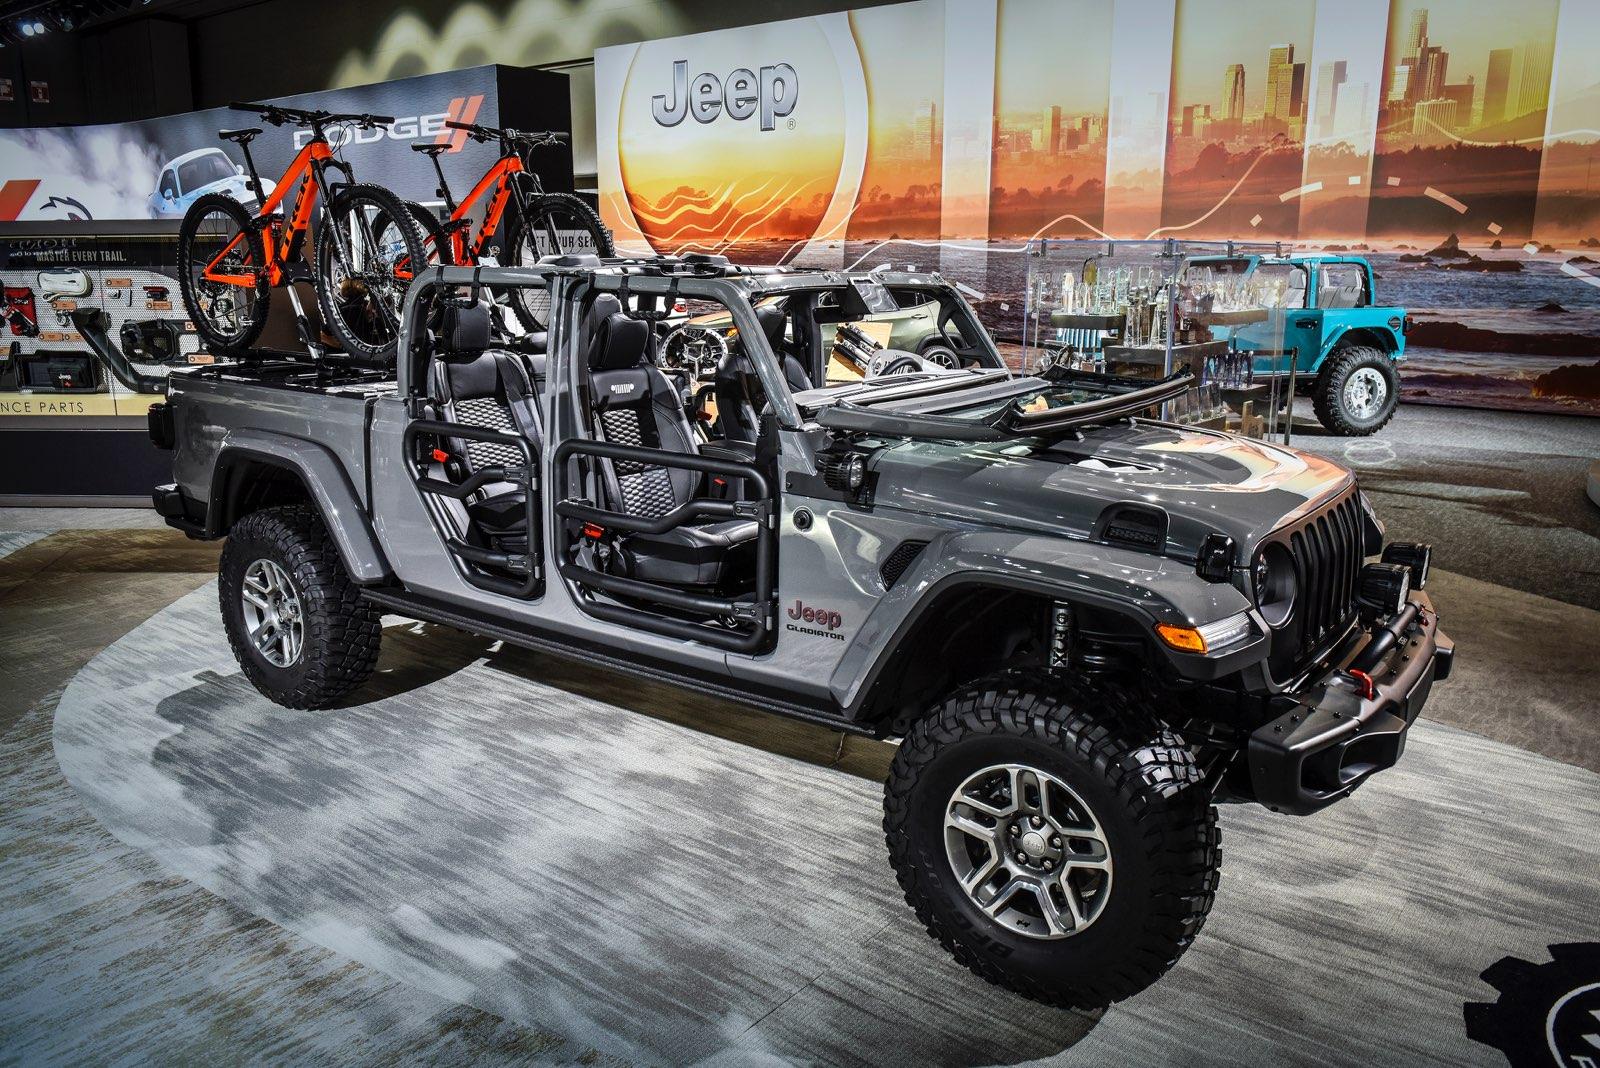 Mopar-Modified 2020 Jeep Gladiator Rubicon Shows Off New ...